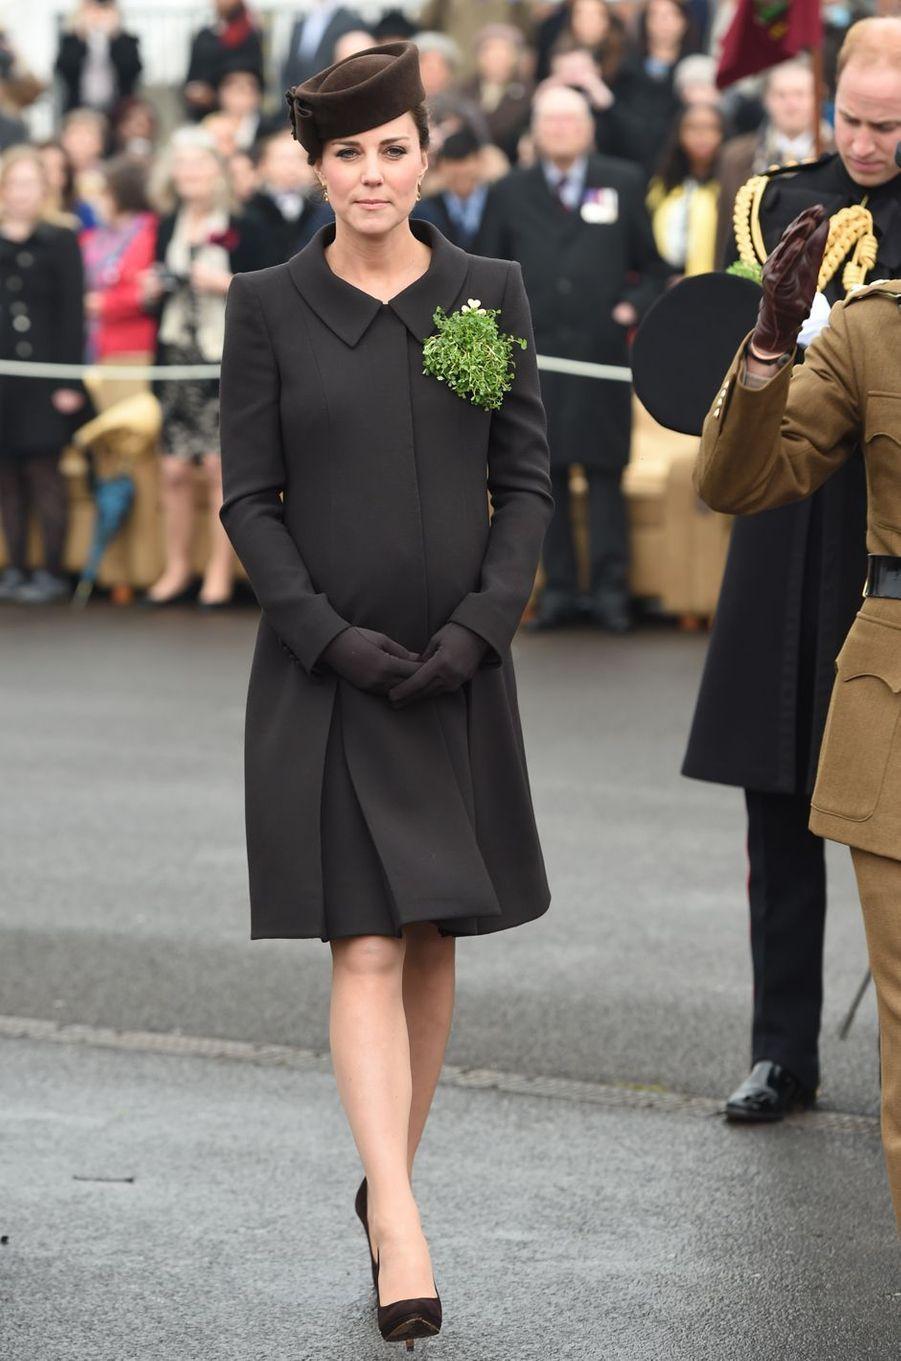 La duchesse de Cambridge, née Kate Middleton, pour la St Patrick à Aldershot, le 17 mars 2015